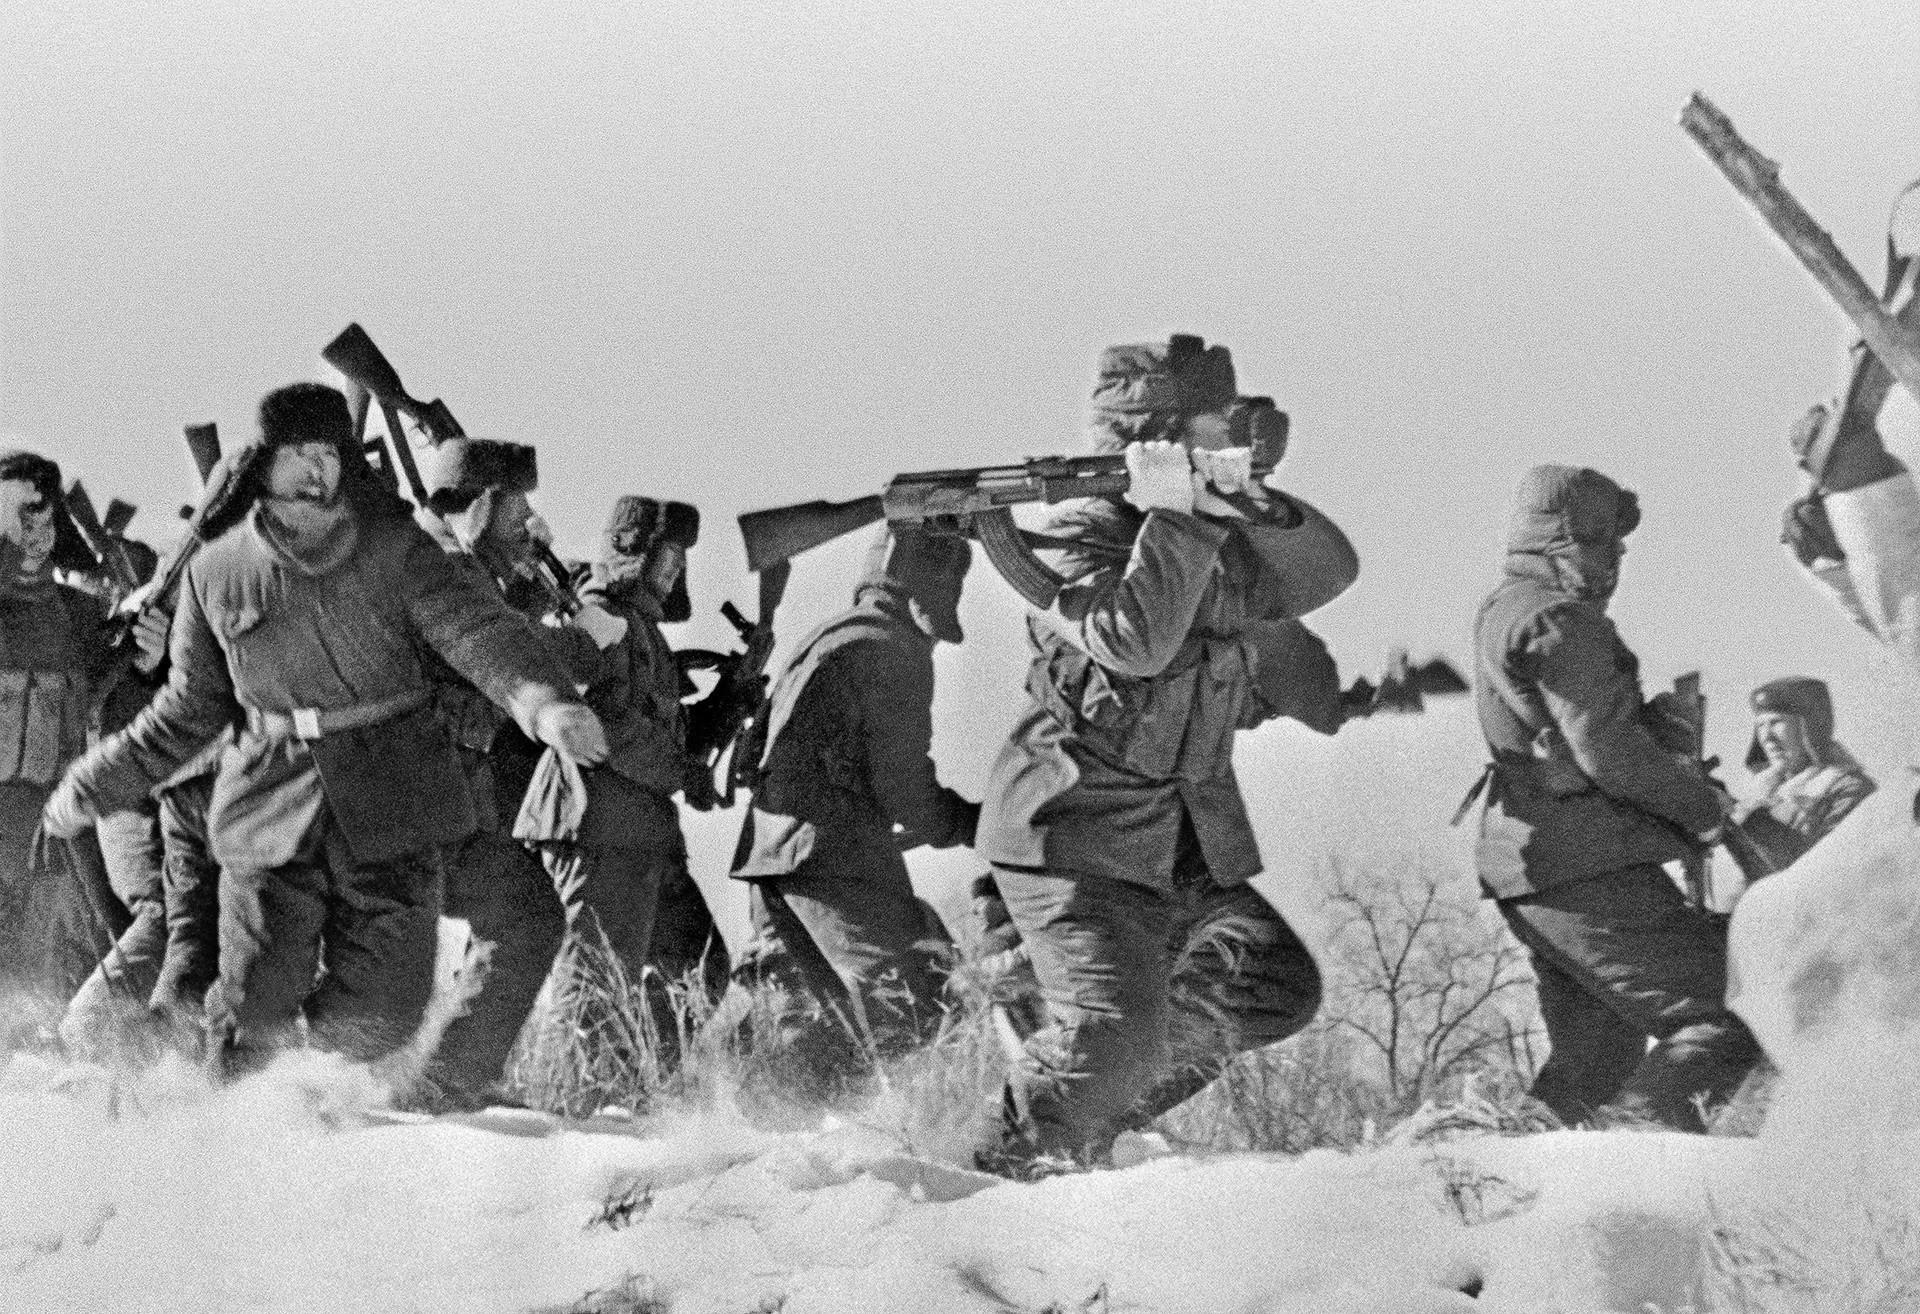 Sovjetsko-kitajski obmejni konflikt leta 1969. Na fotografiji je odred kitajskh vojakov ob poskusu preboja na otok Damanski.